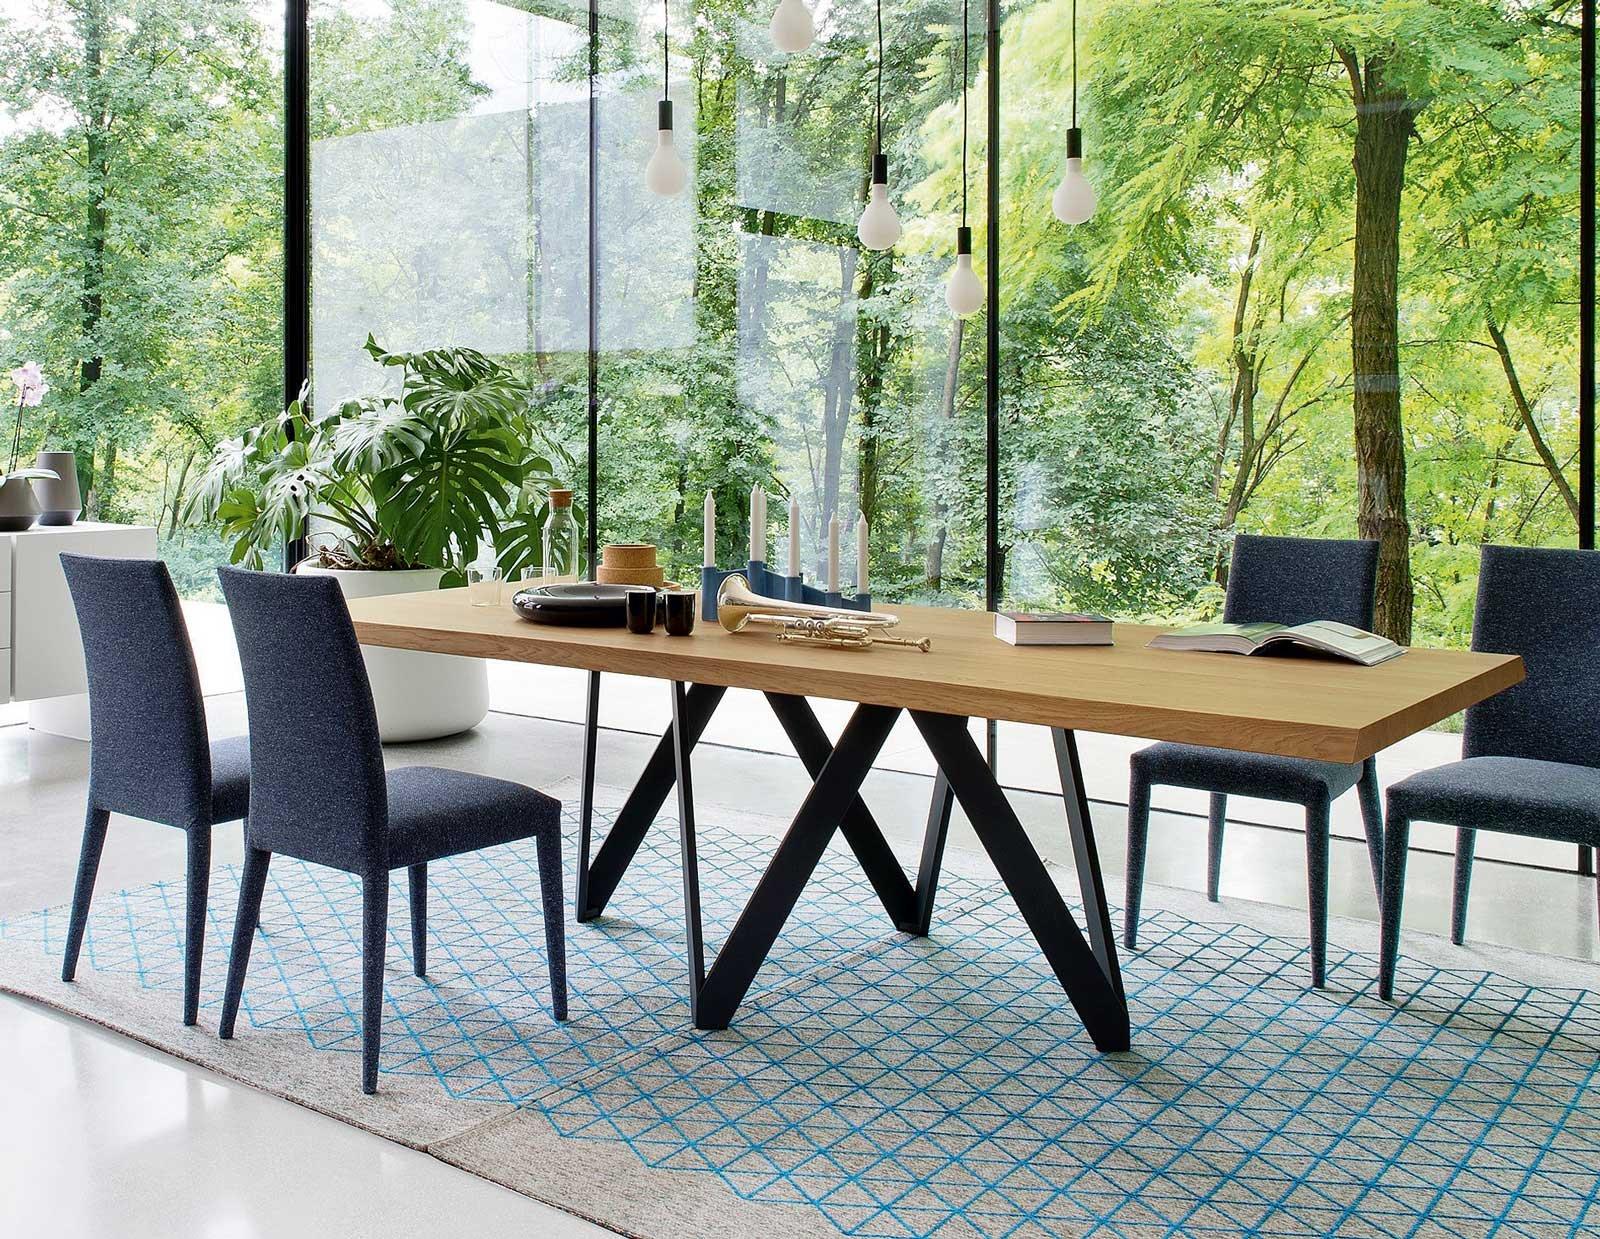 Tavoli sedie lampade come abbinarli cose di casa for Tavoli e sedie da cucina calligaris